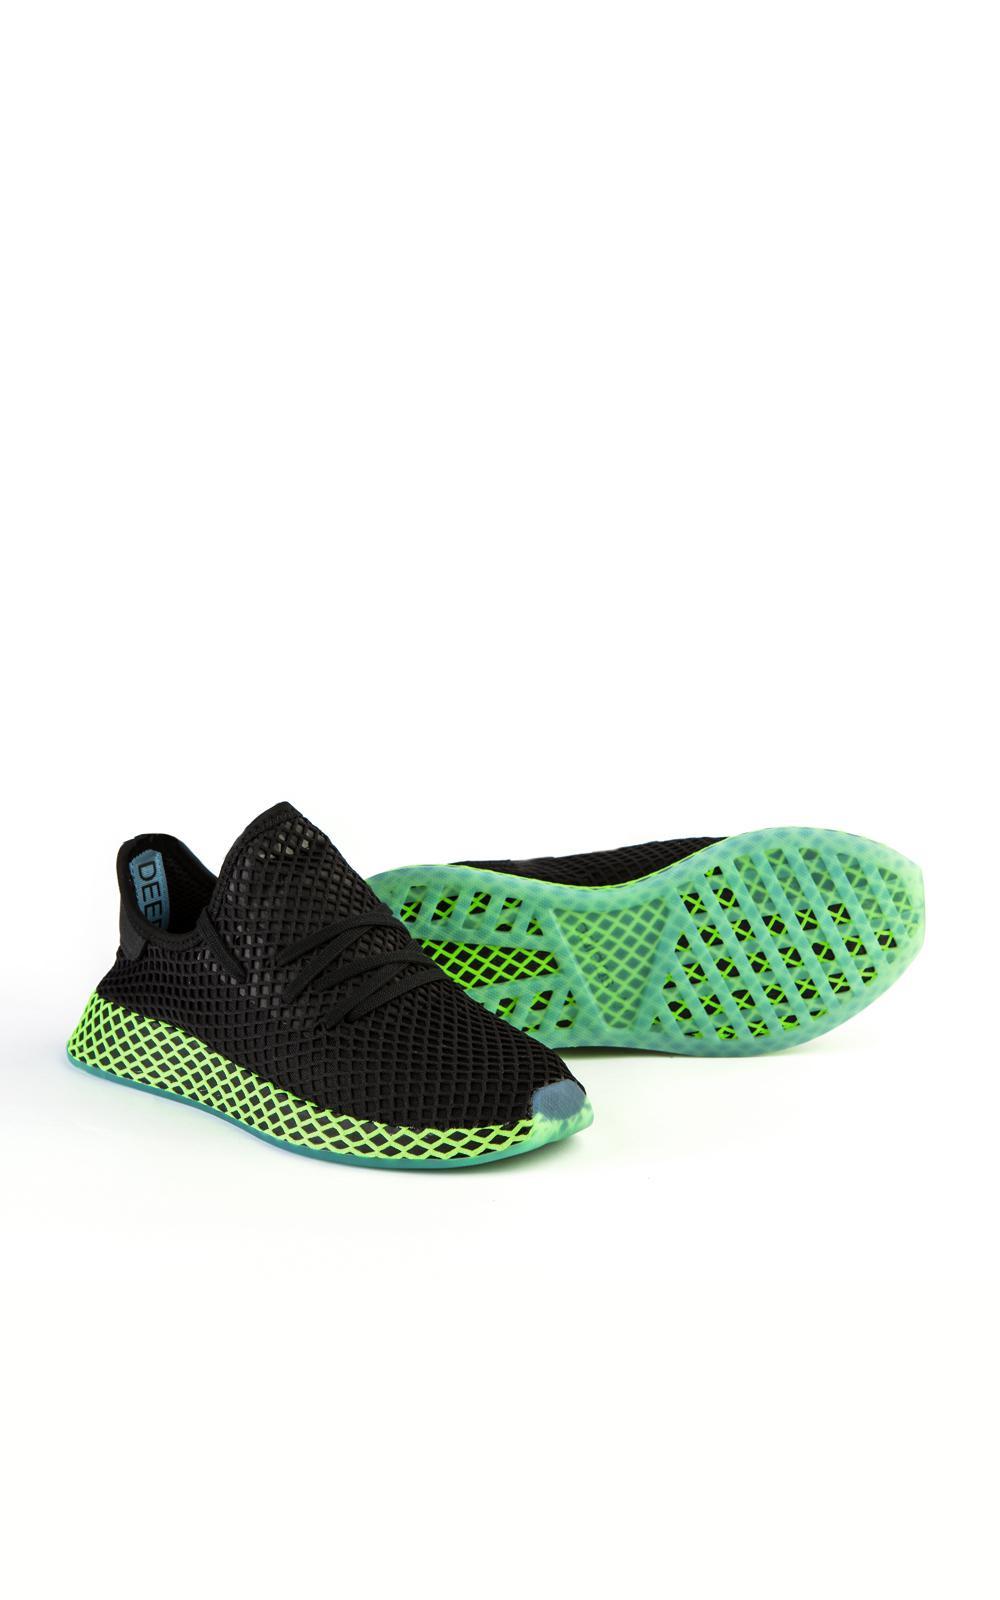 Deerupt Runner Black/green